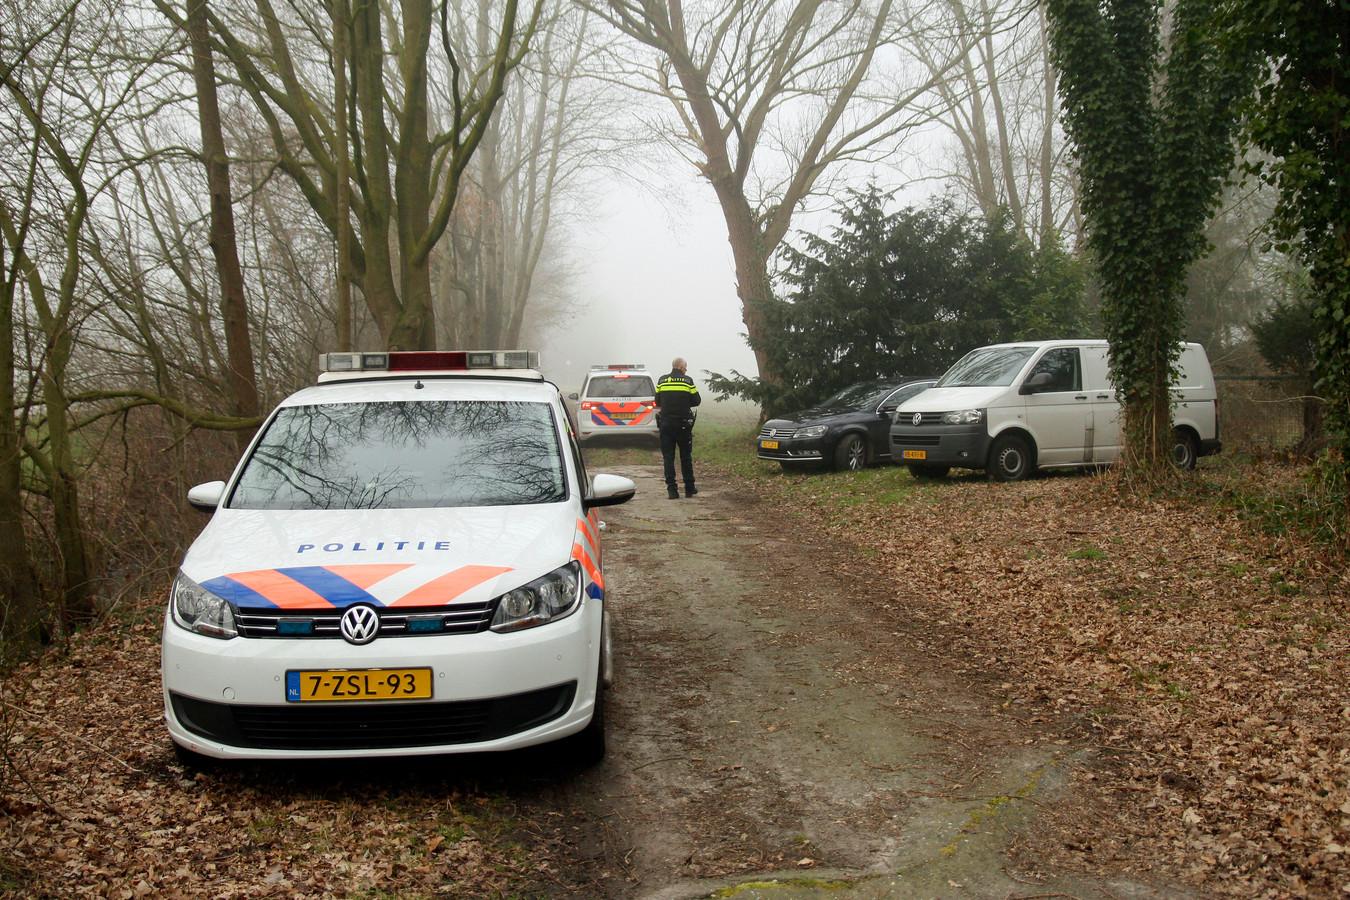 Het lichaam van de Poolse Emil Szymborski werd op 27 maart 2018 aangetroffen in een weiland, vlakbij de Automotive Campus.